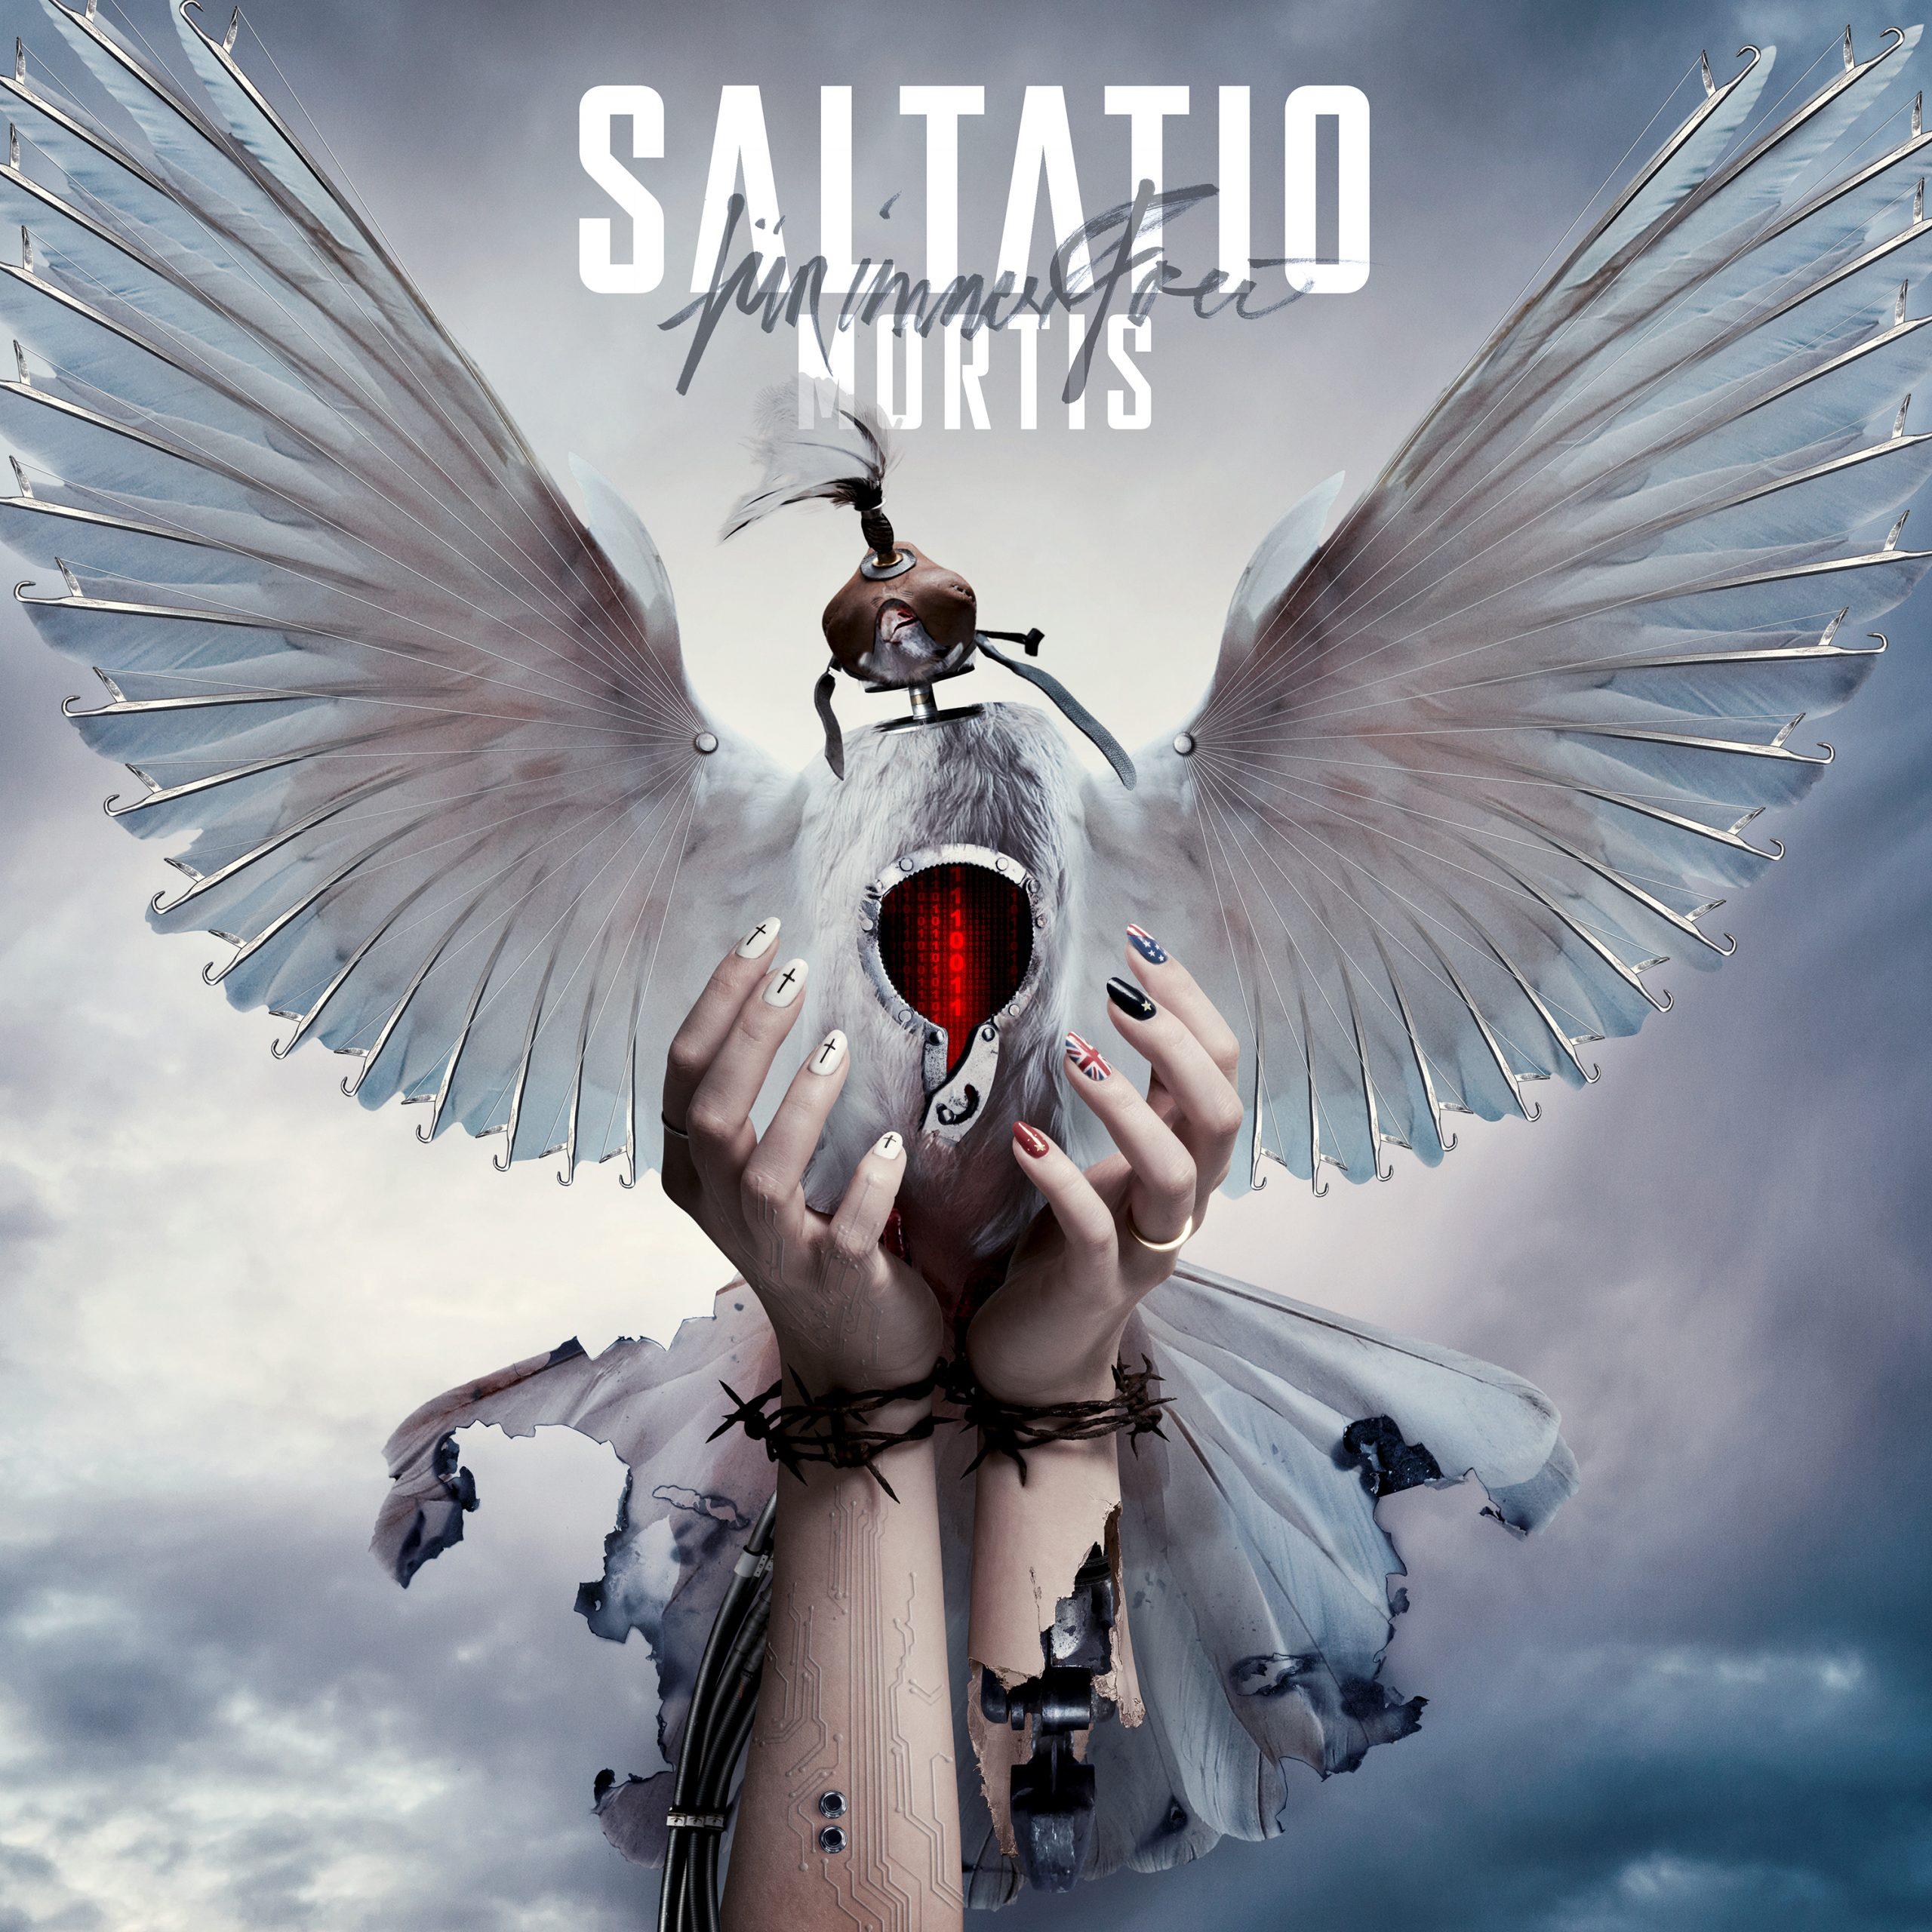 saltatio-mortis-fuer-immer-frei-stuermt-die-charts-zum-4-mal-in-folge-platz-1